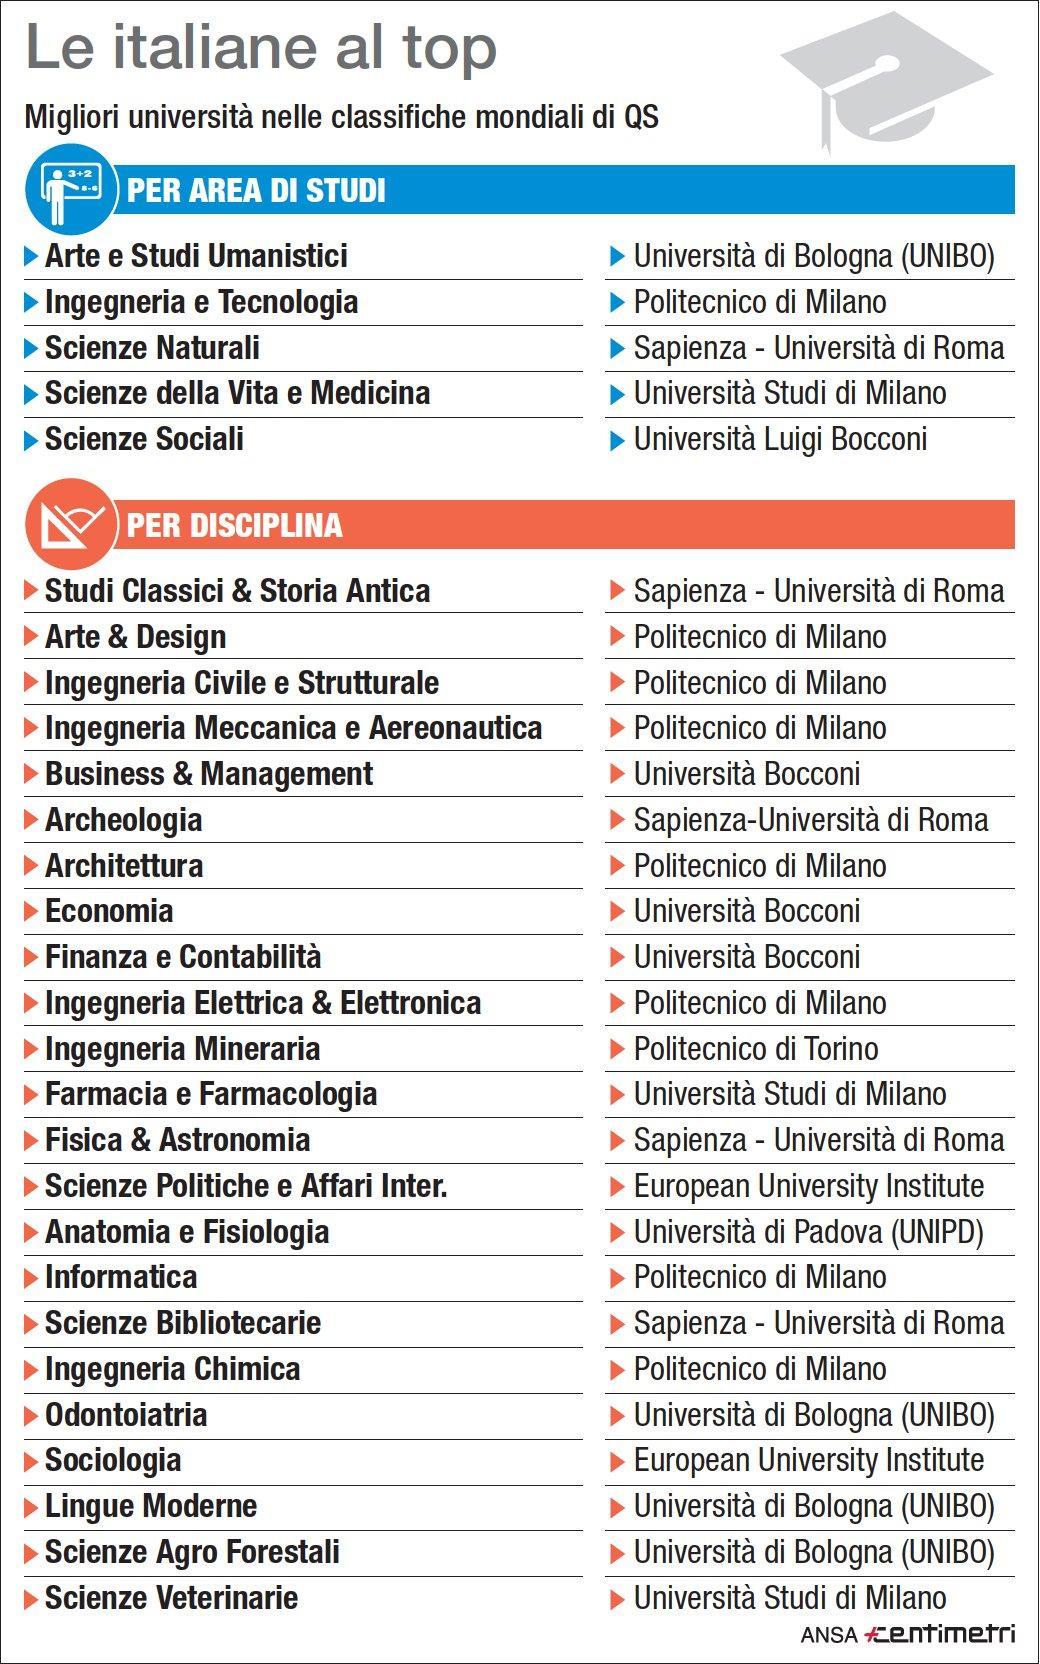 Le migliori università italiane nelle classifiche mondiali di Qs